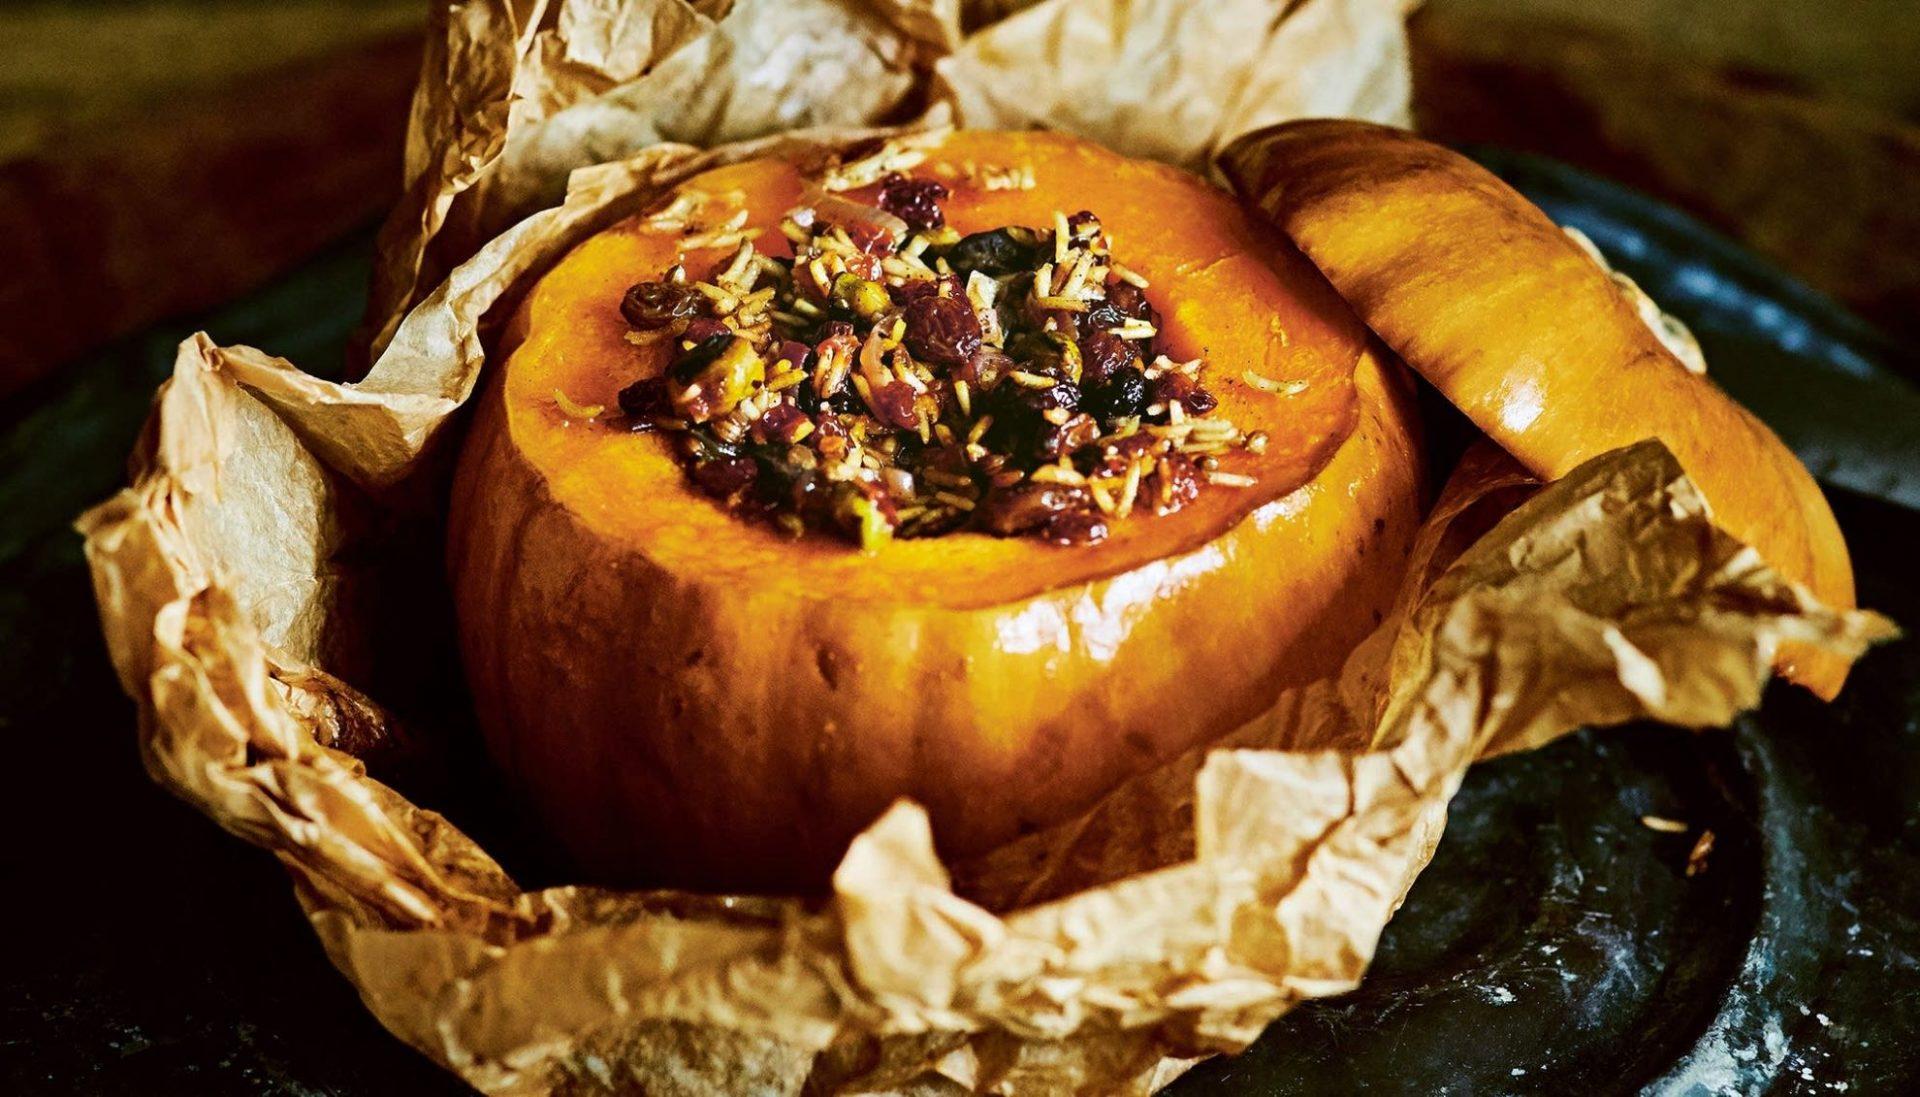 Sstuffed-pumpkin